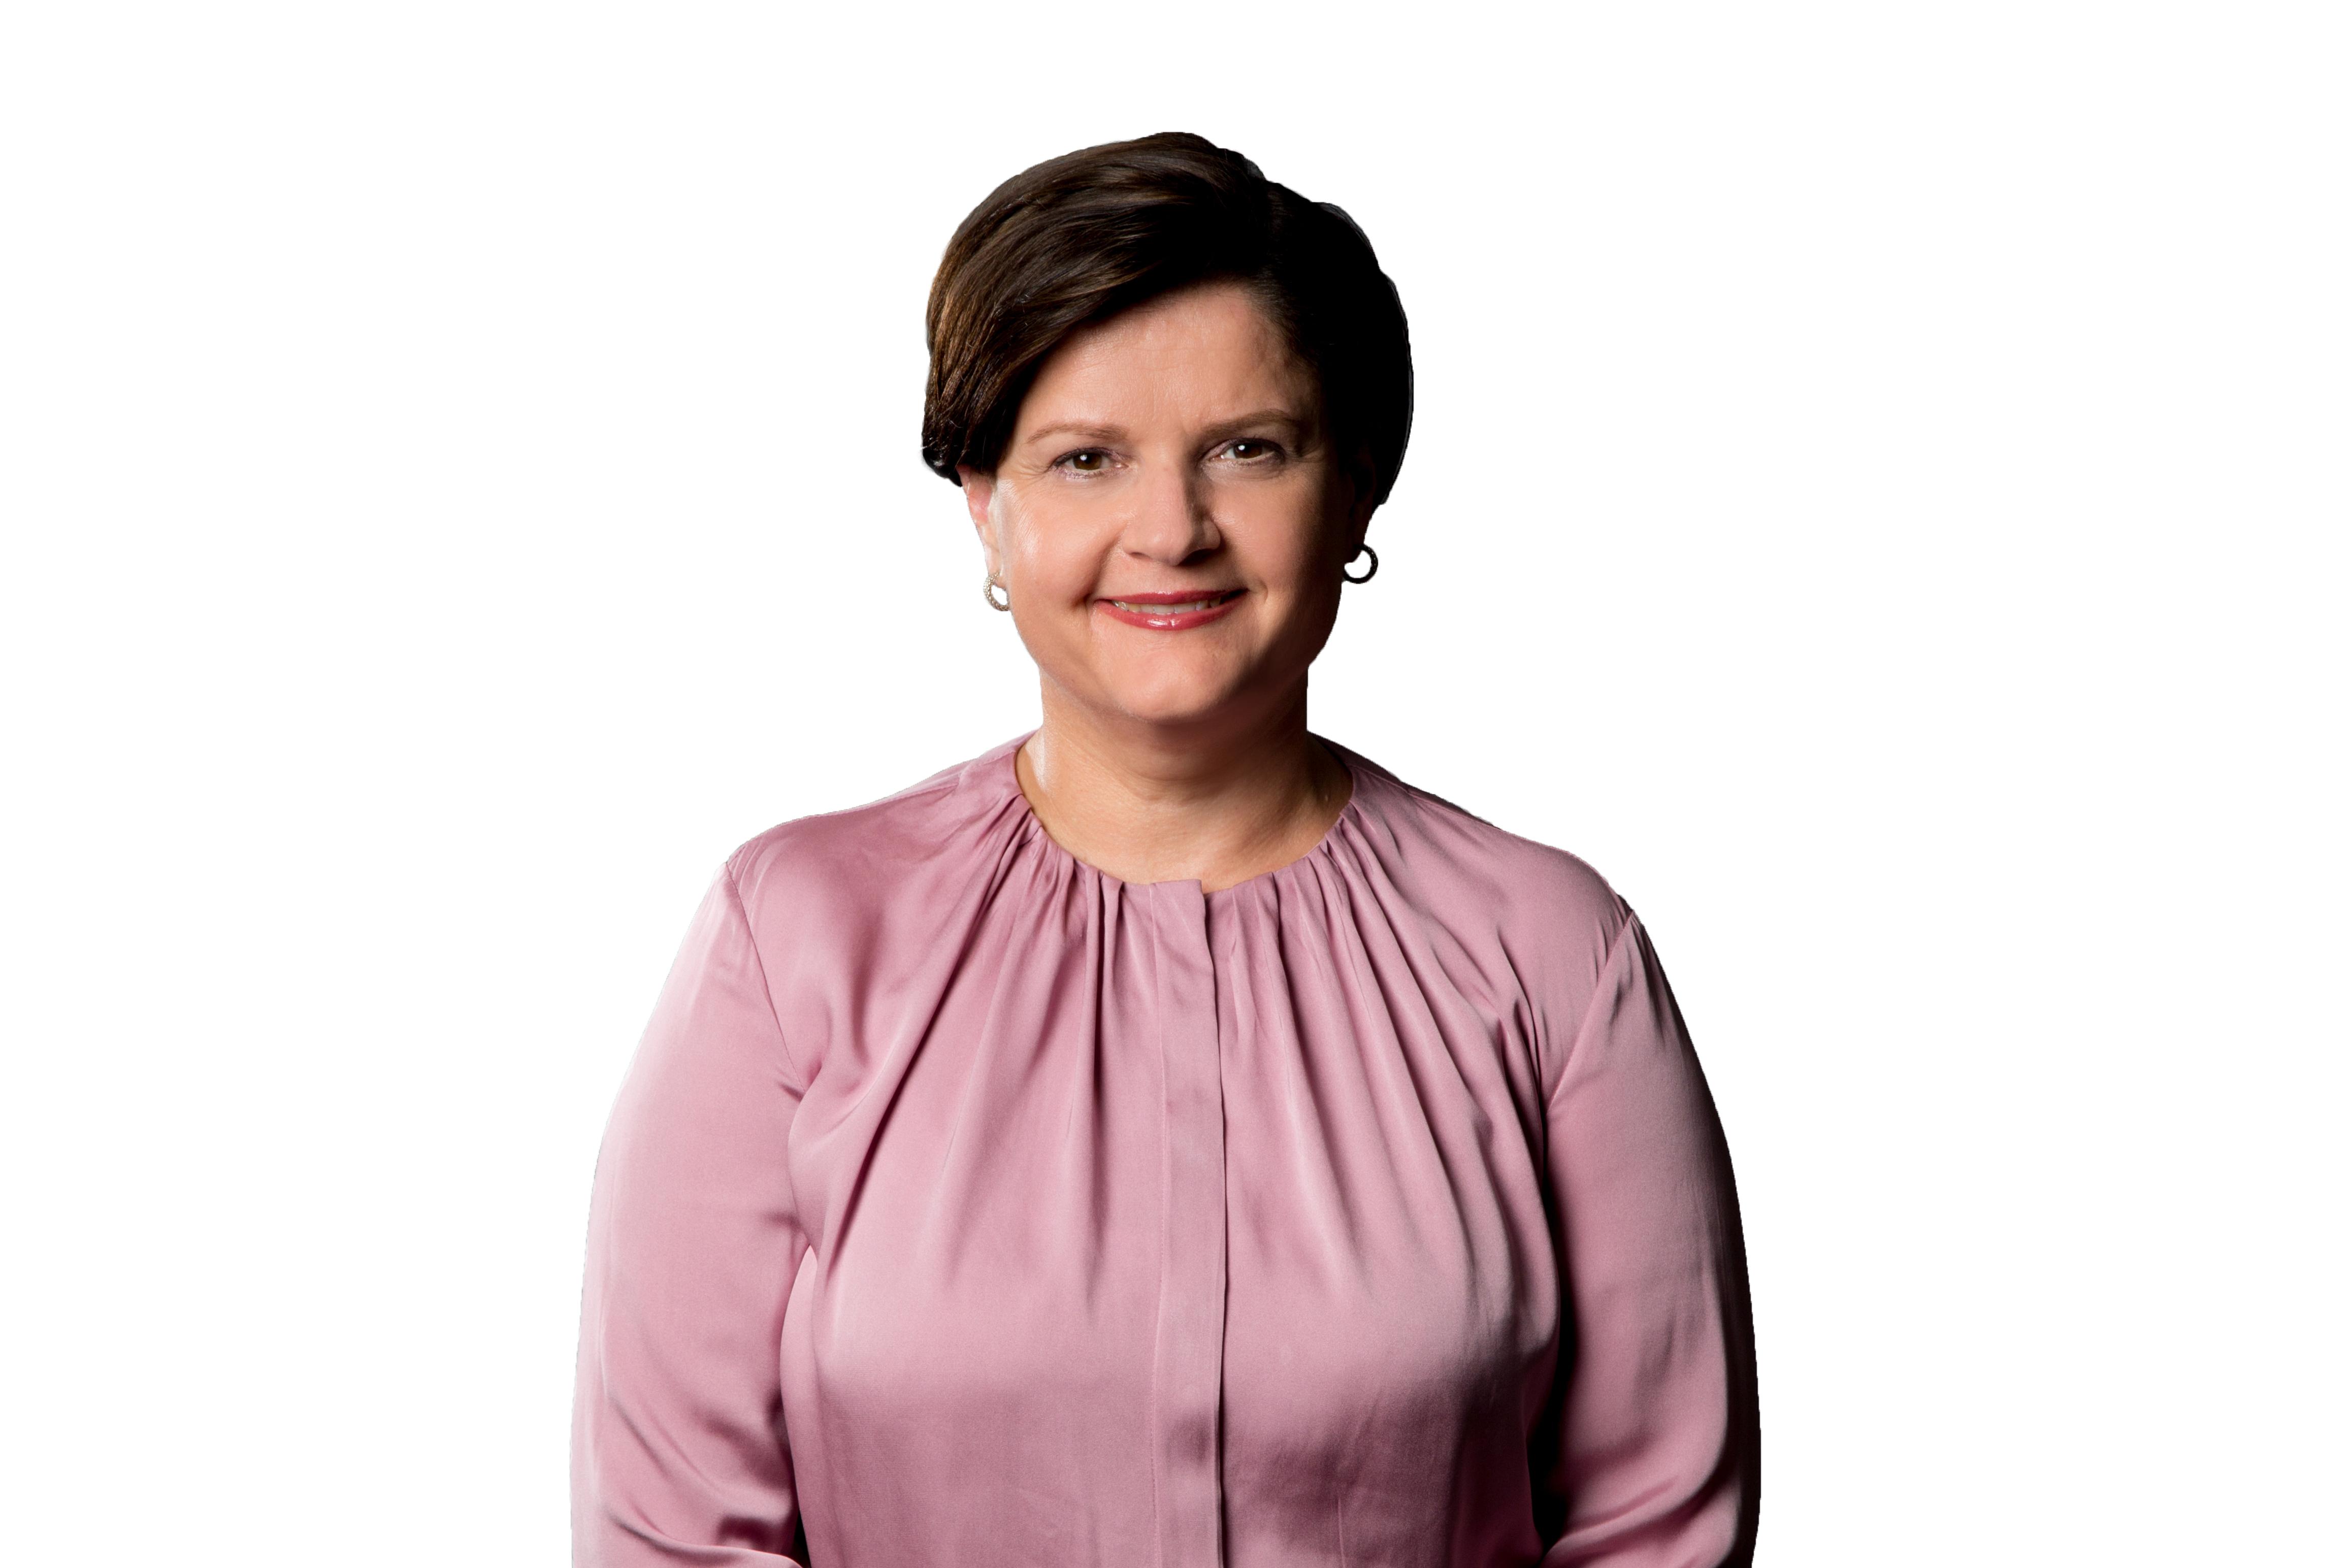 Vera Visevic